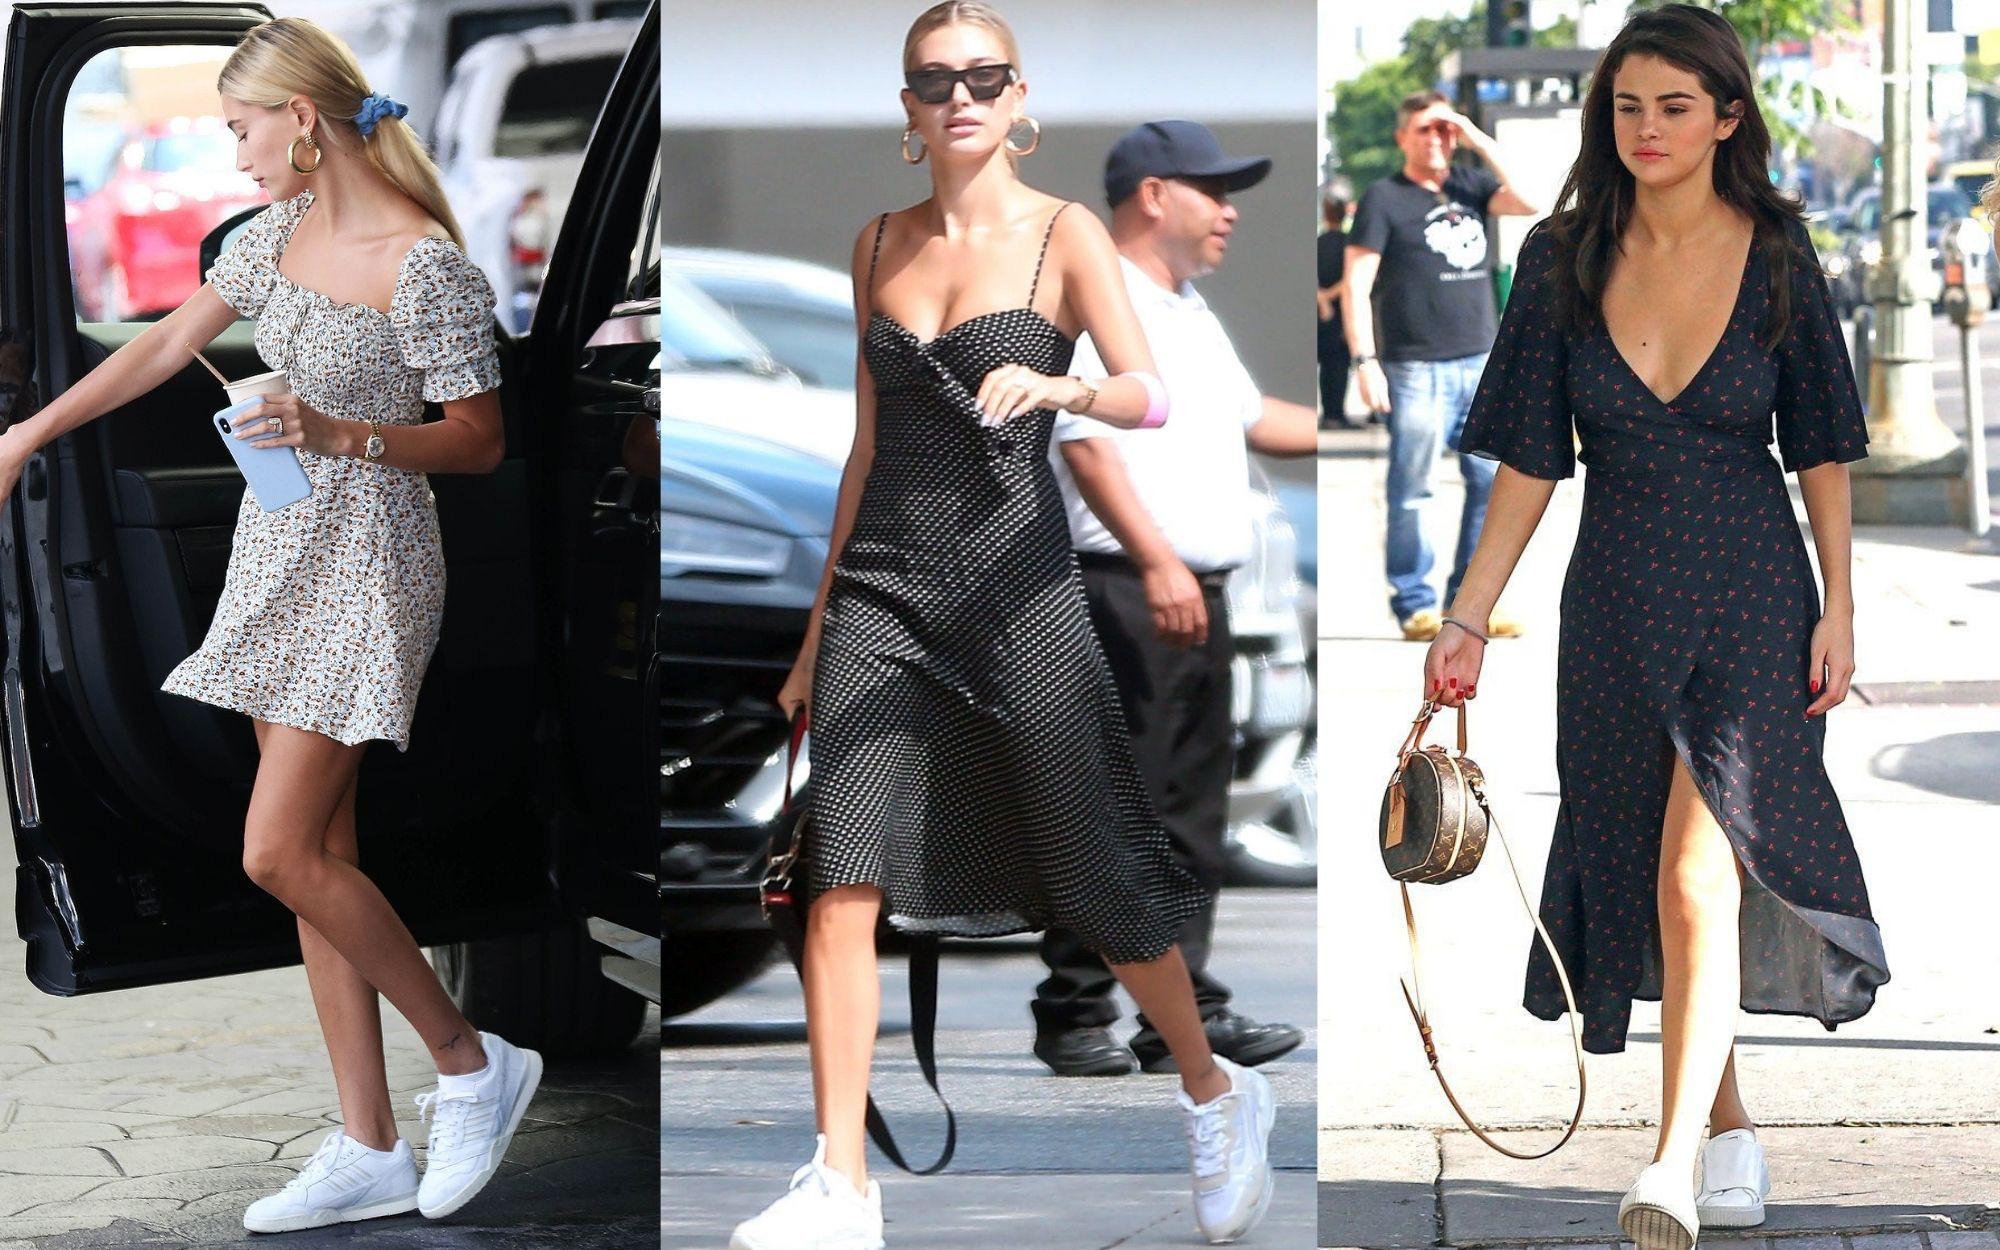 Vợ Justin Bieber có gu diện váy cứ hao hao Selena Gomez, nhưng chưa chắc đã xịn hơn